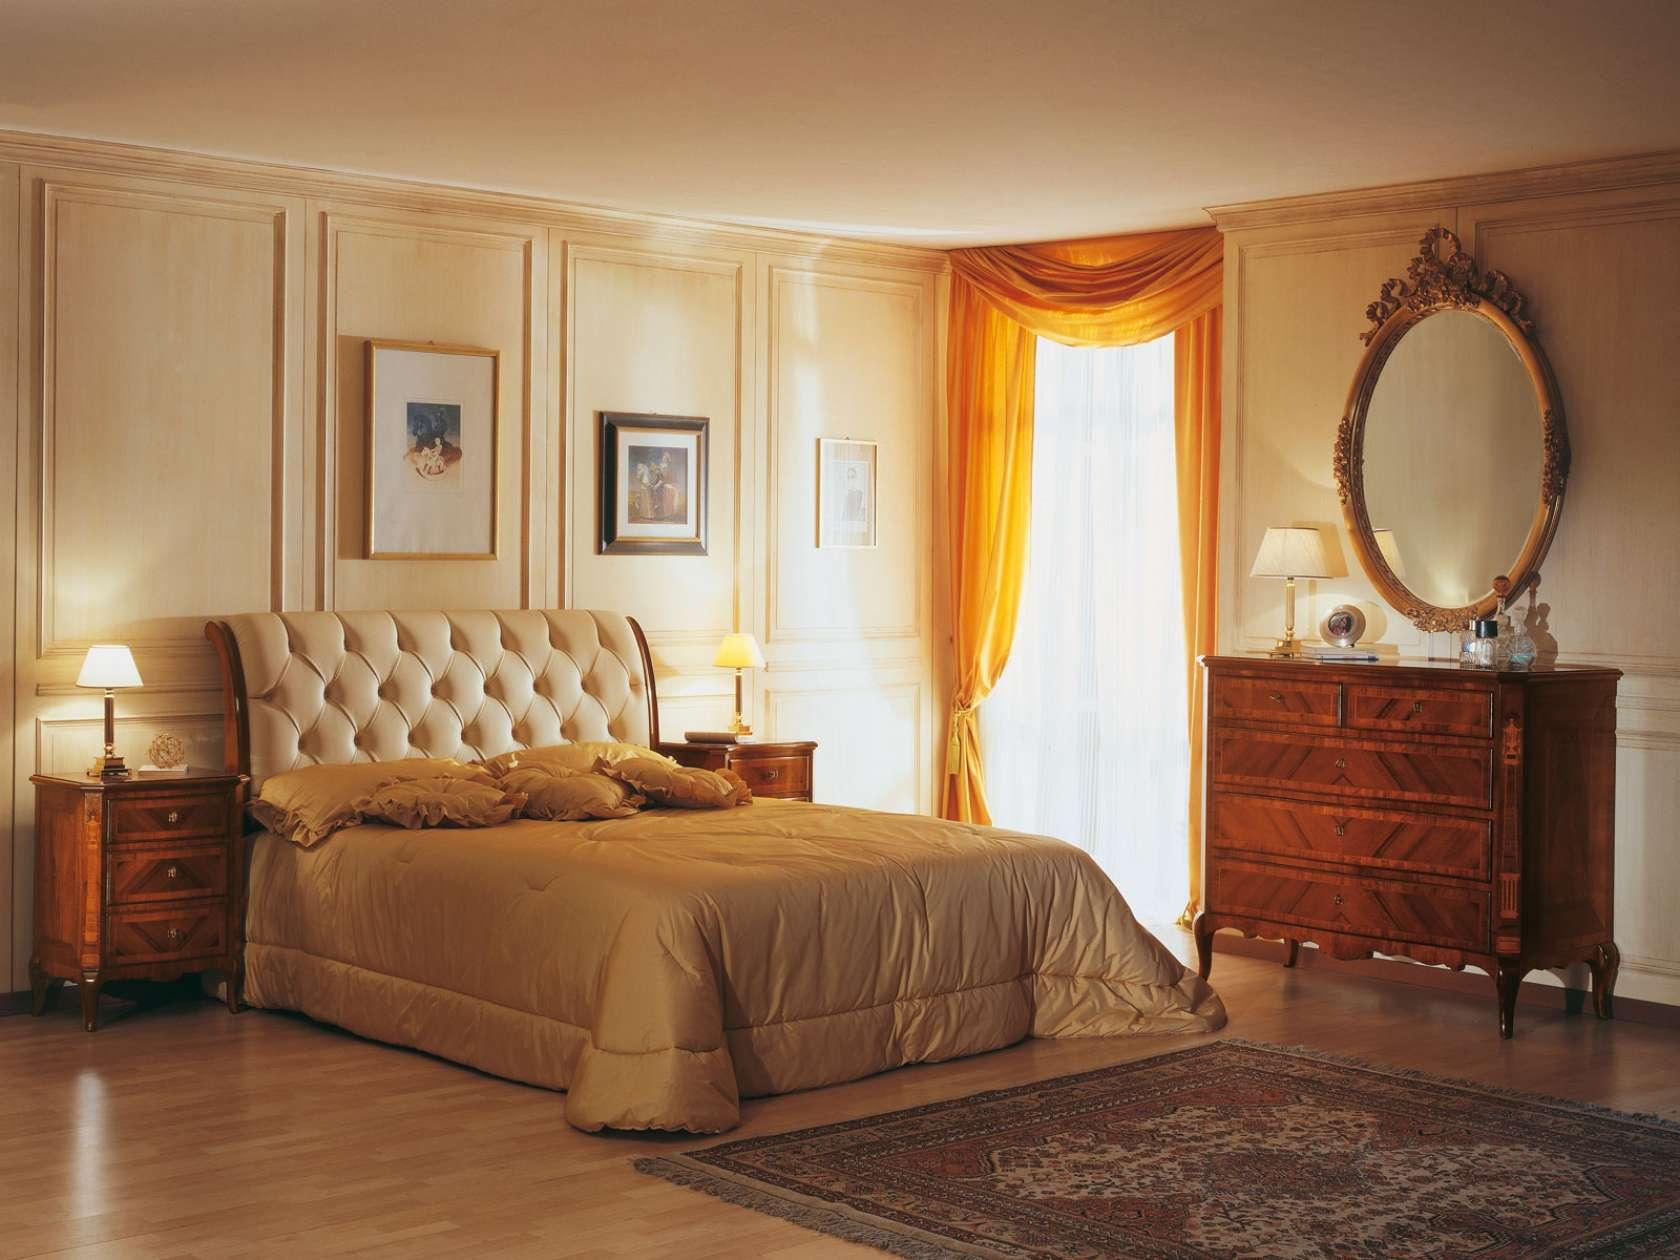 Camera da letto francese in stile 800 vimercati meda - Parti del letto ...